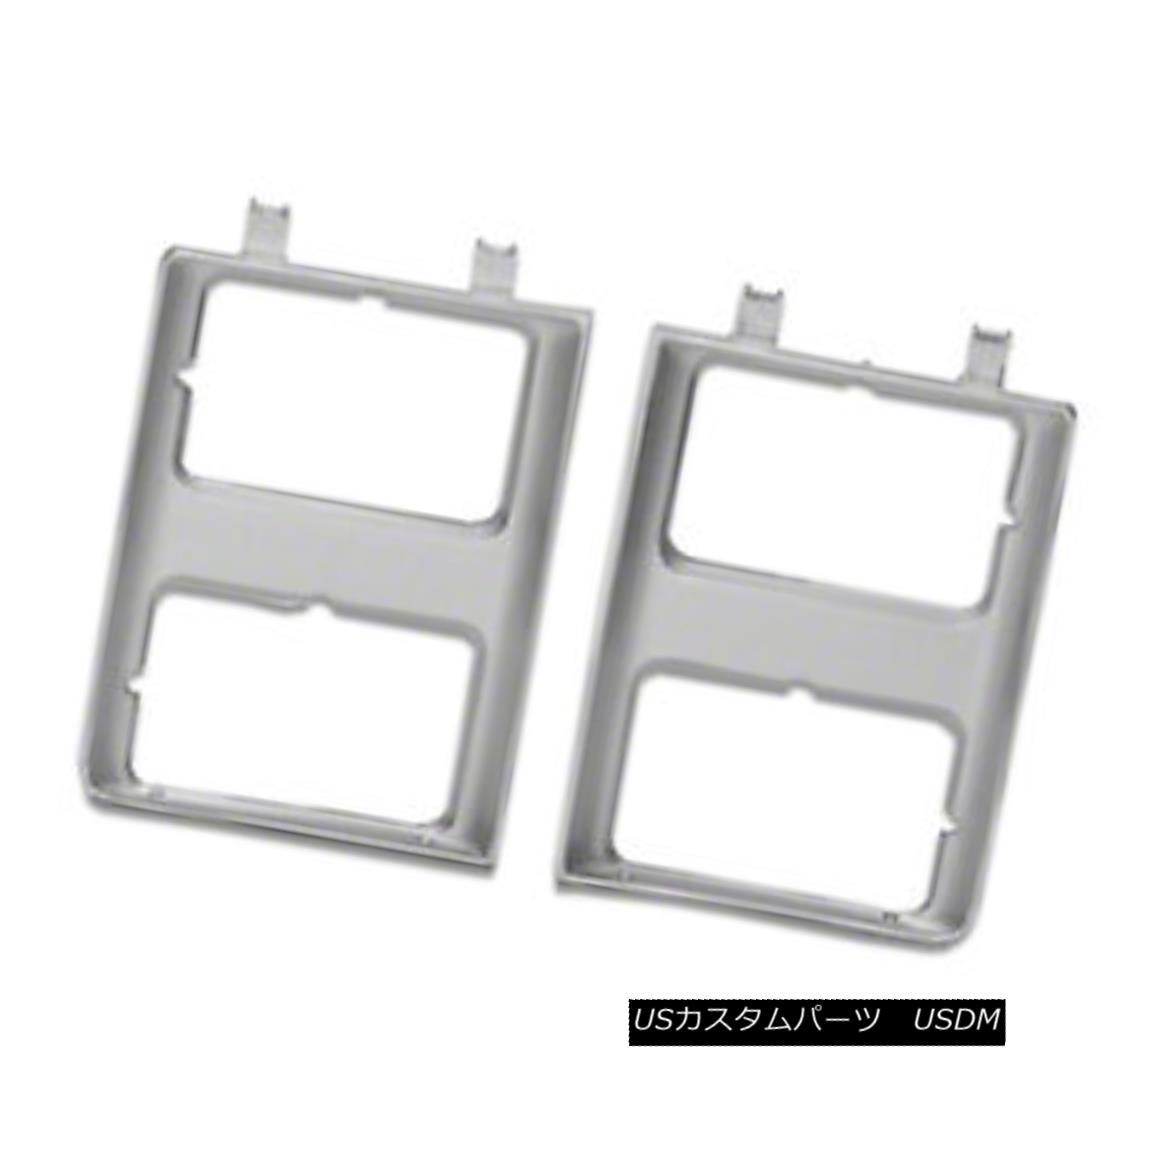 グリル New Headlight Door Silver Passenger Side for Dual Lamps Rectangular 630-00848R デュアルランプ用の新しいヘッドライトドアシルバーの旅客側630-00848R